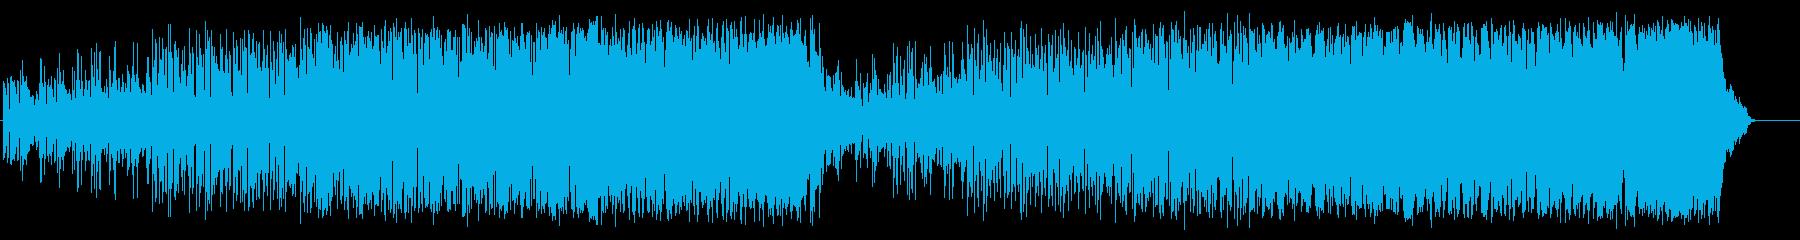 心を描くフュージョン(フルサイズ)の再生済みの波形